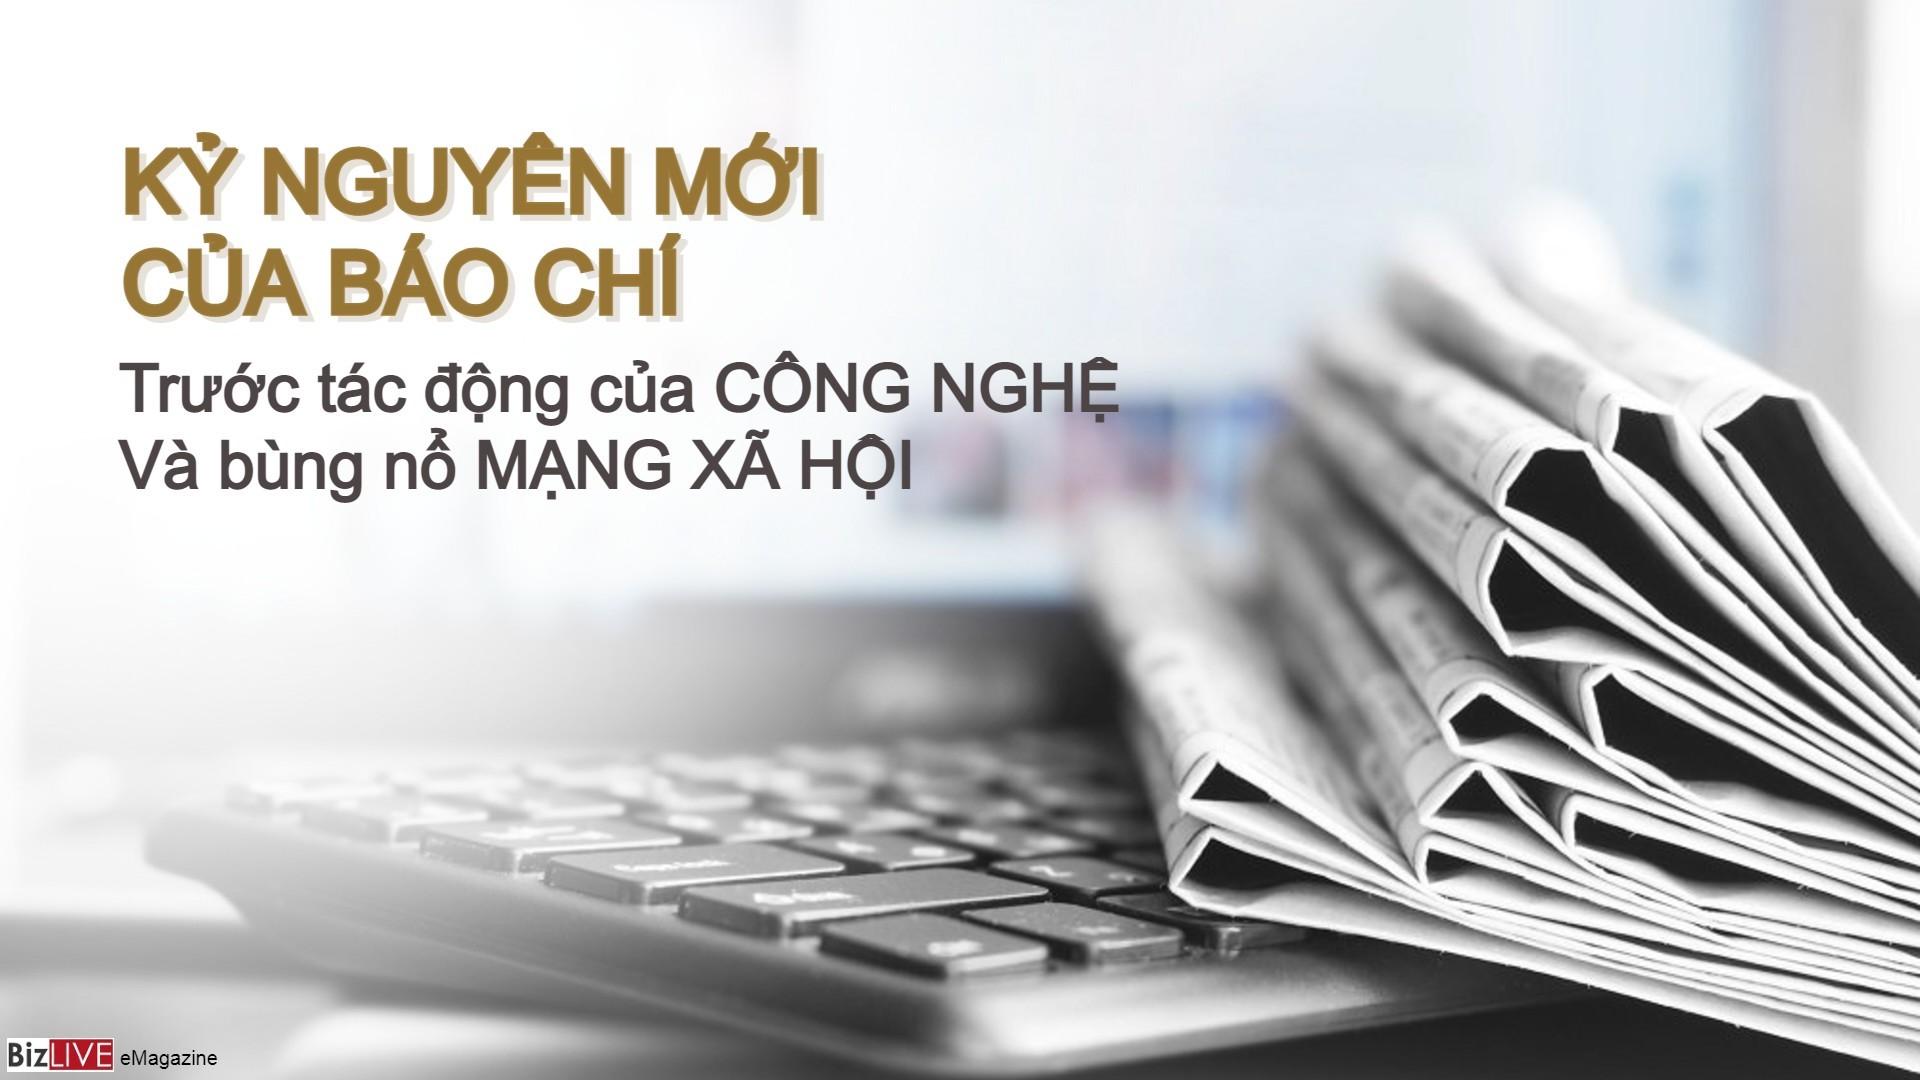 Kỷ nguyên mới của báo chí trước tác động của công nghệ và bùng nổ mạng xã hội